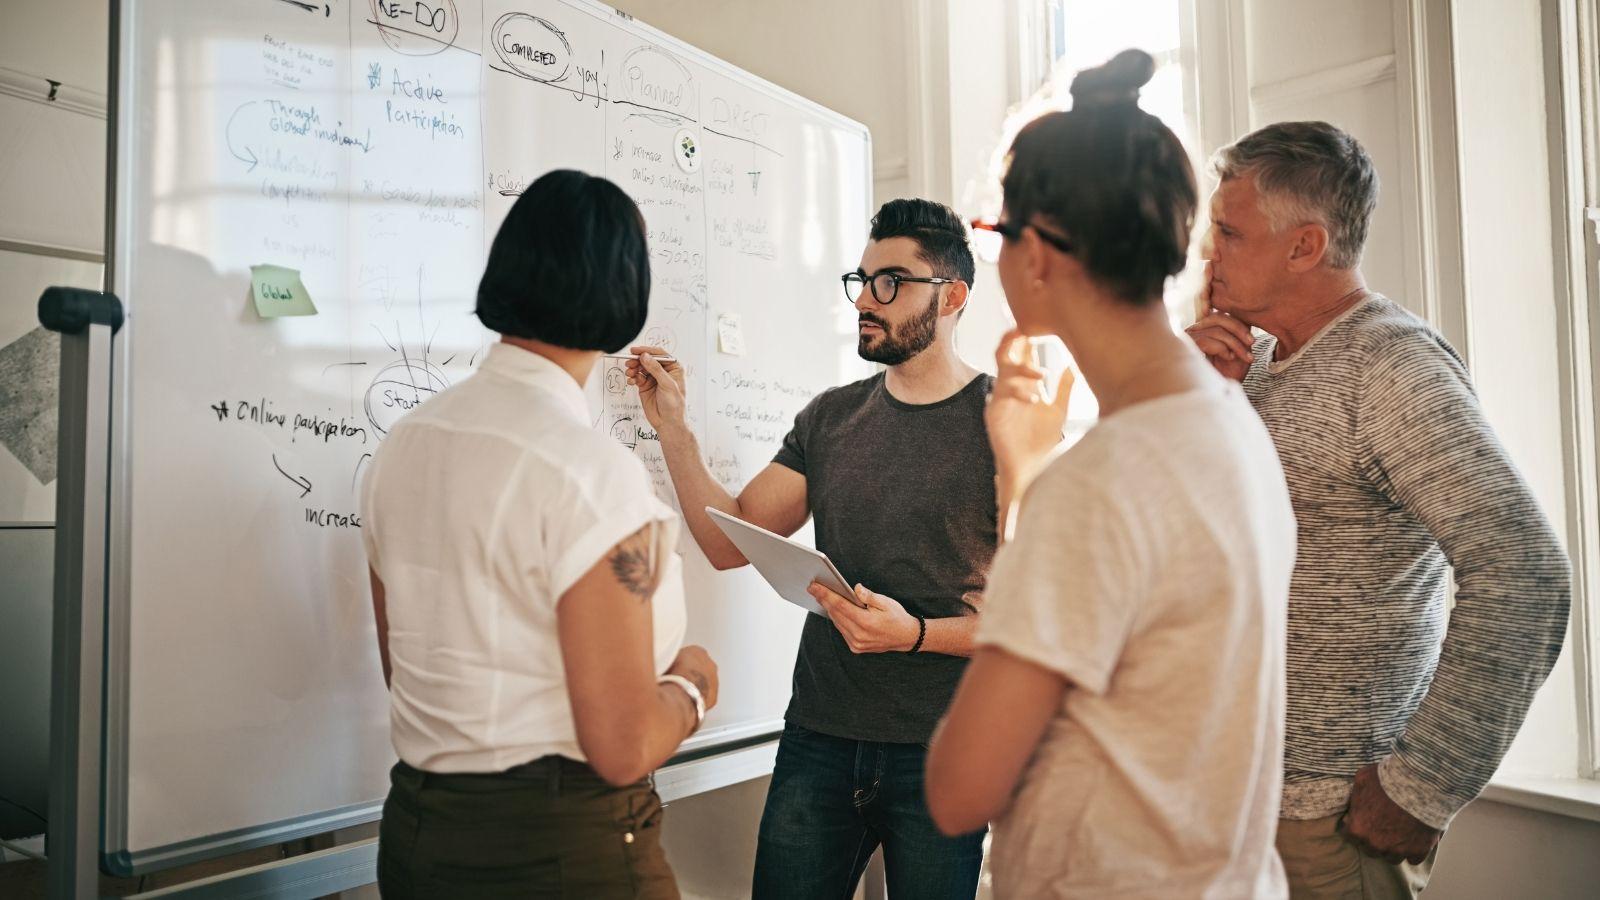 Co musisz wiedzieć zanim rozpoczniesz współpracę z agencją reklamową analiza mediarun agencja reklamowa